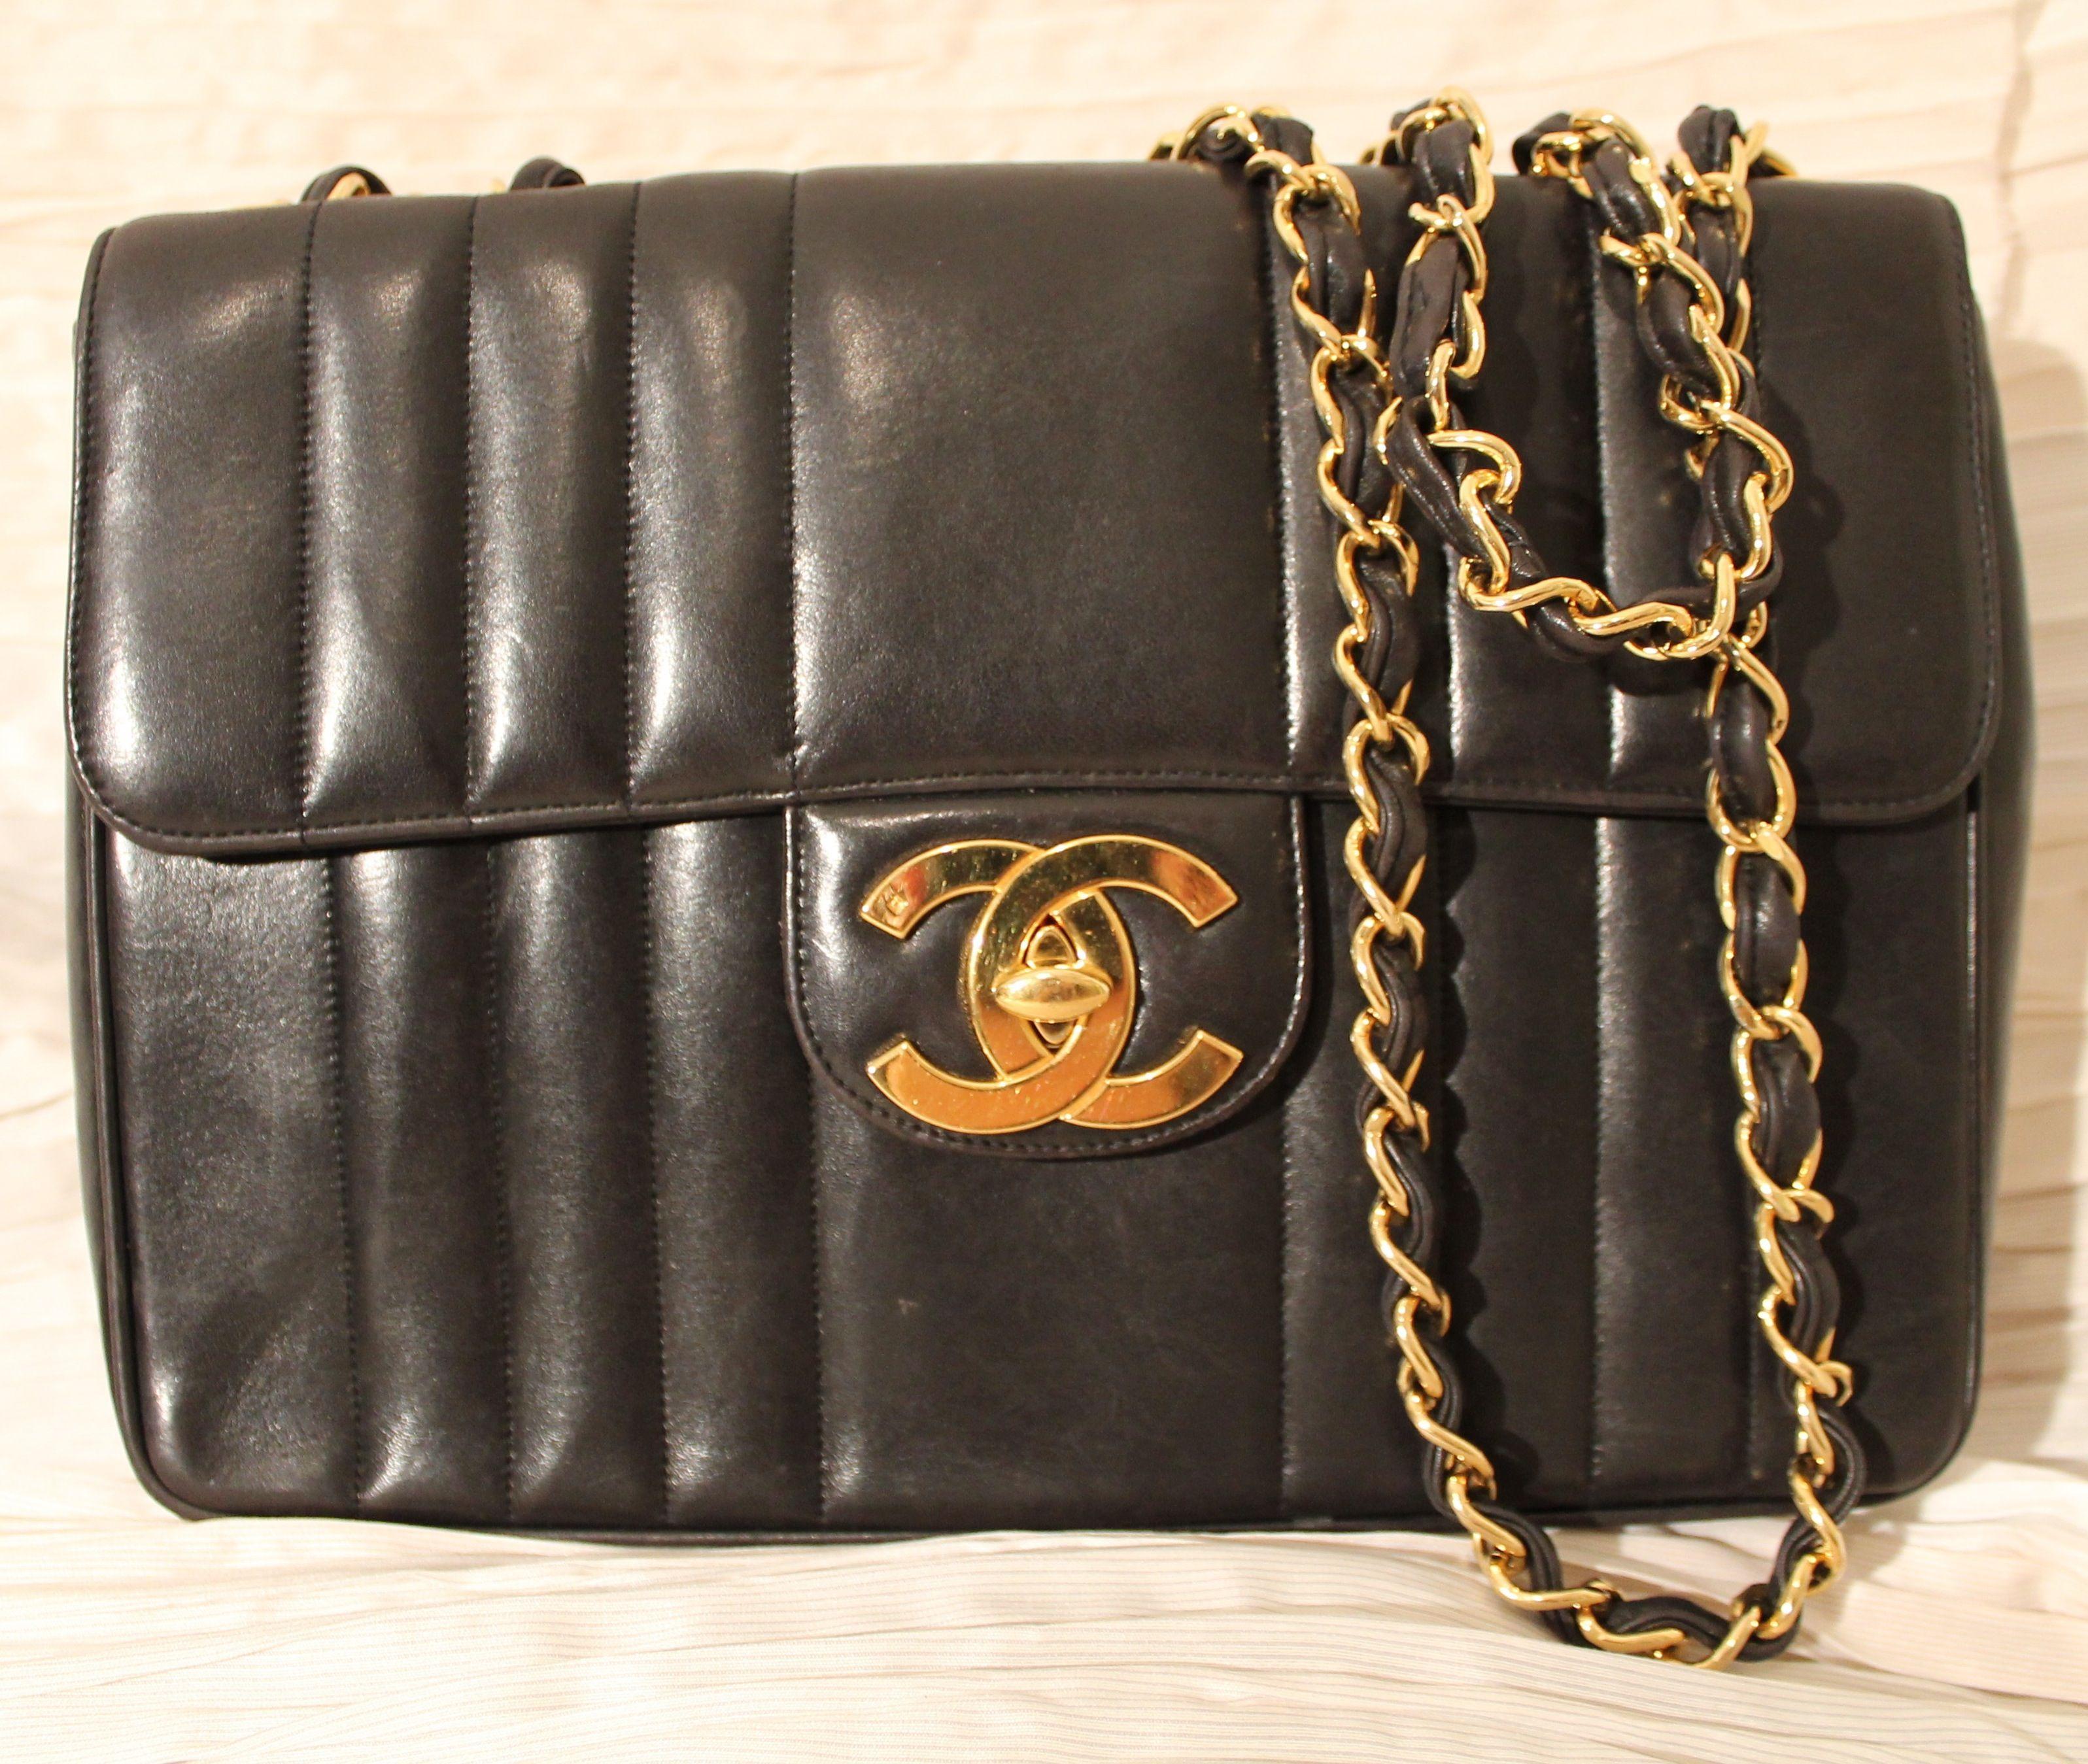 ee656aca90fcbc Borsa Chanel Jumbo in agnello nero vintage. Edizione speciale con matelassé  verticale. Doppia tracolla